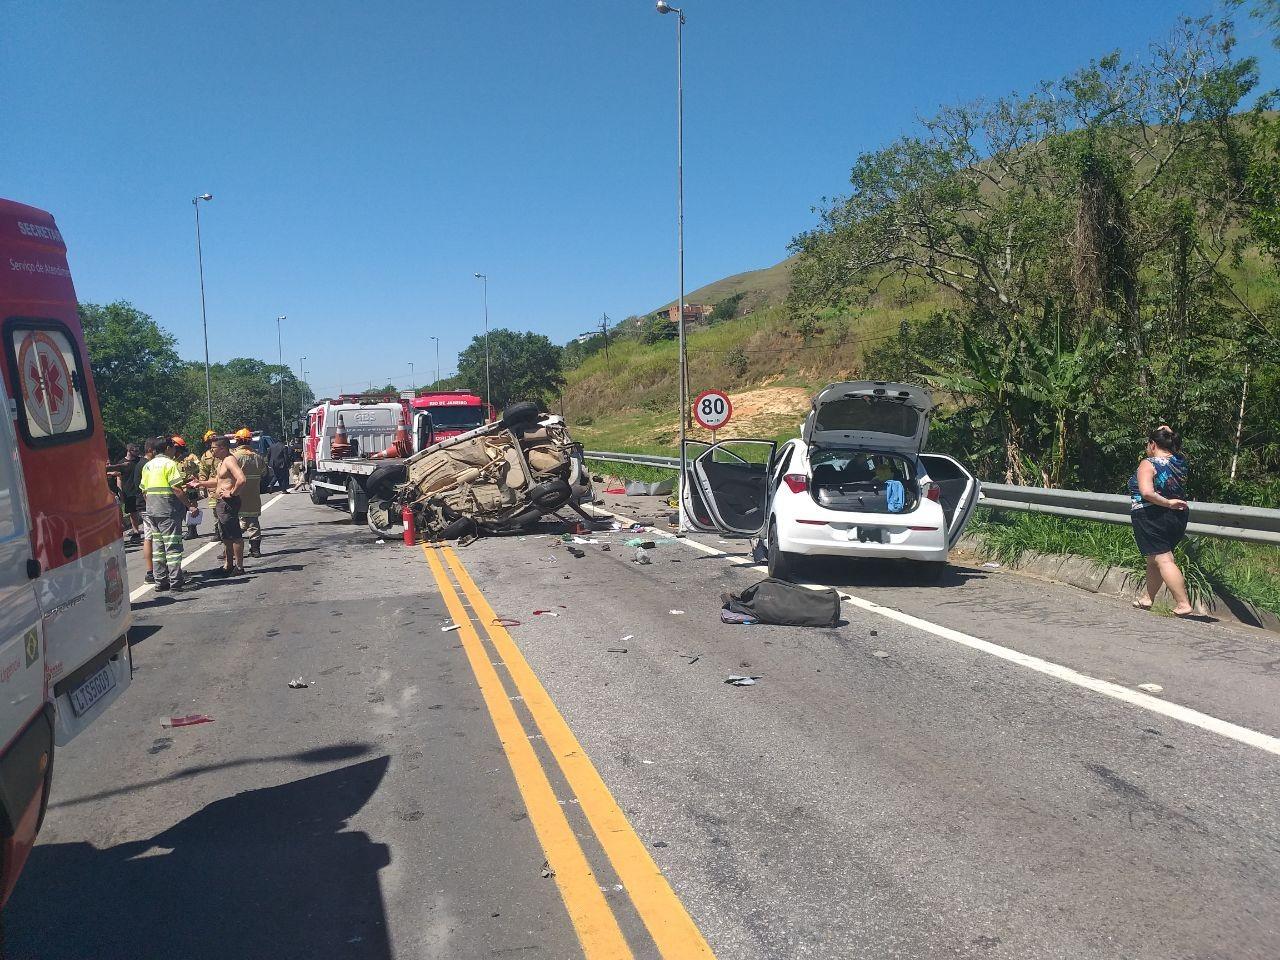 Batida entre dois carros deixa um morto e cinco feridos na BR-393, em Vassouras - Notícias - Plantão Diário